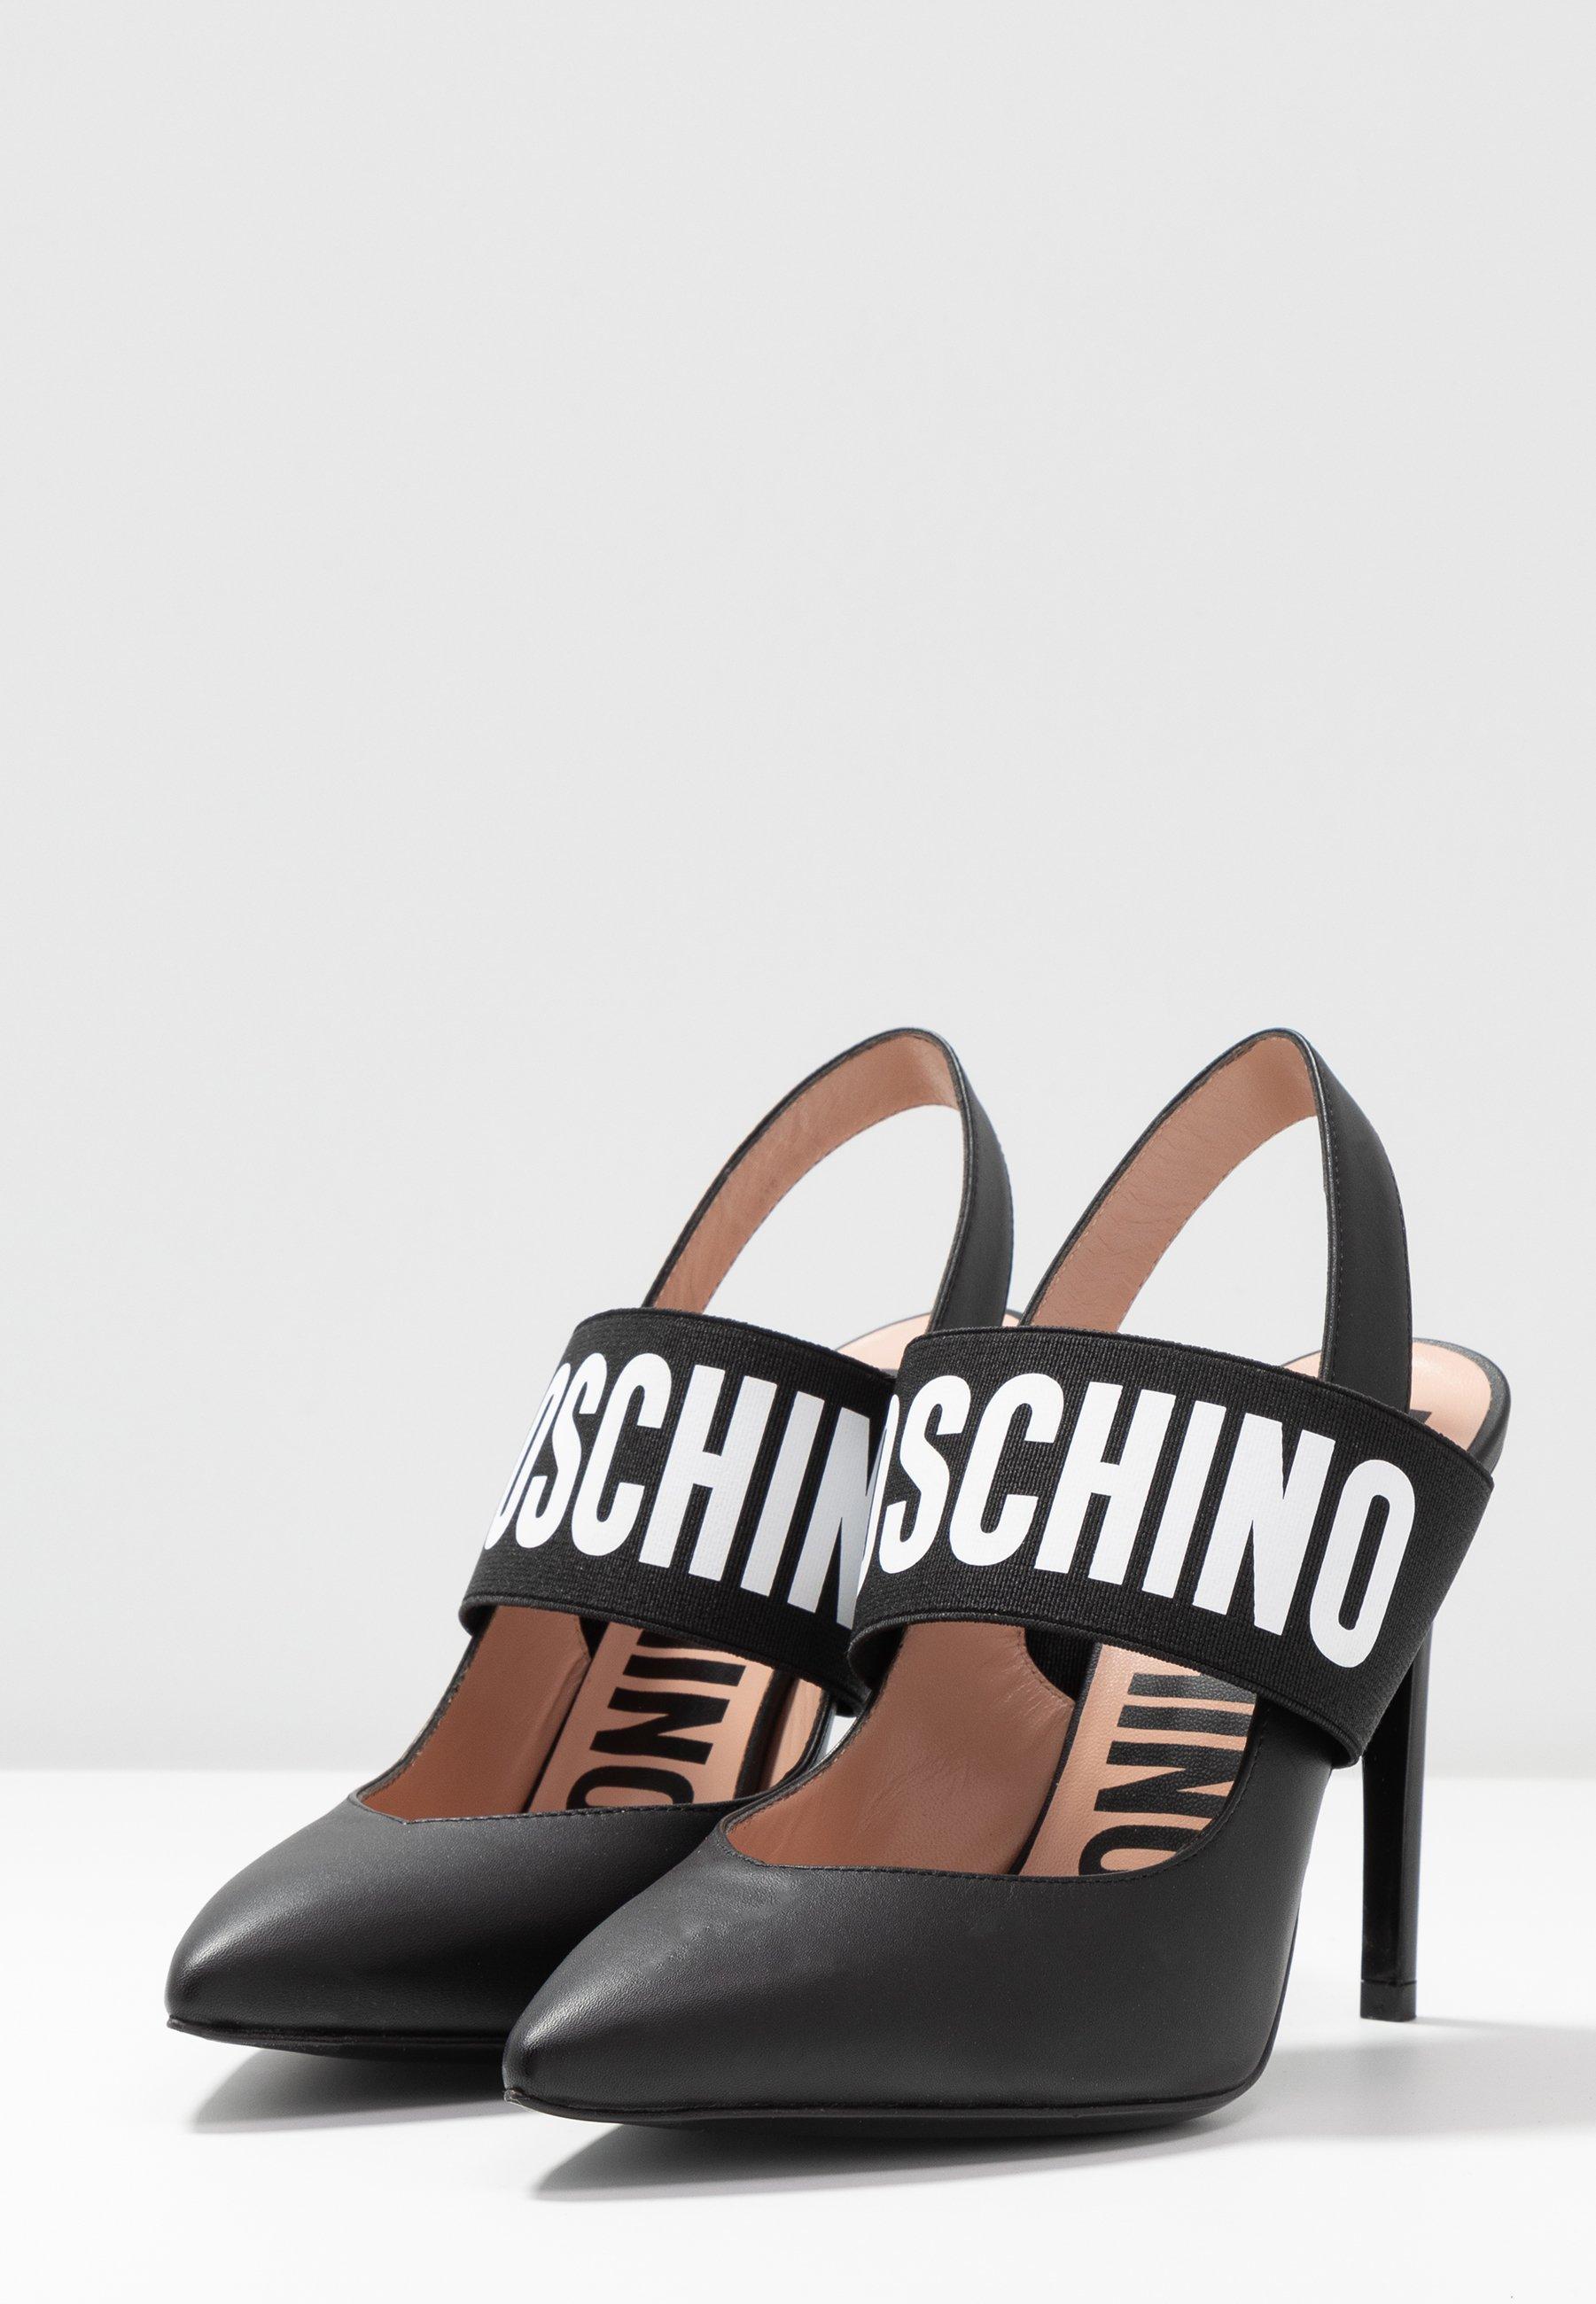 MOSCHINO Escarpins à talons hauts - nero - Chaussures à talons femme Classique